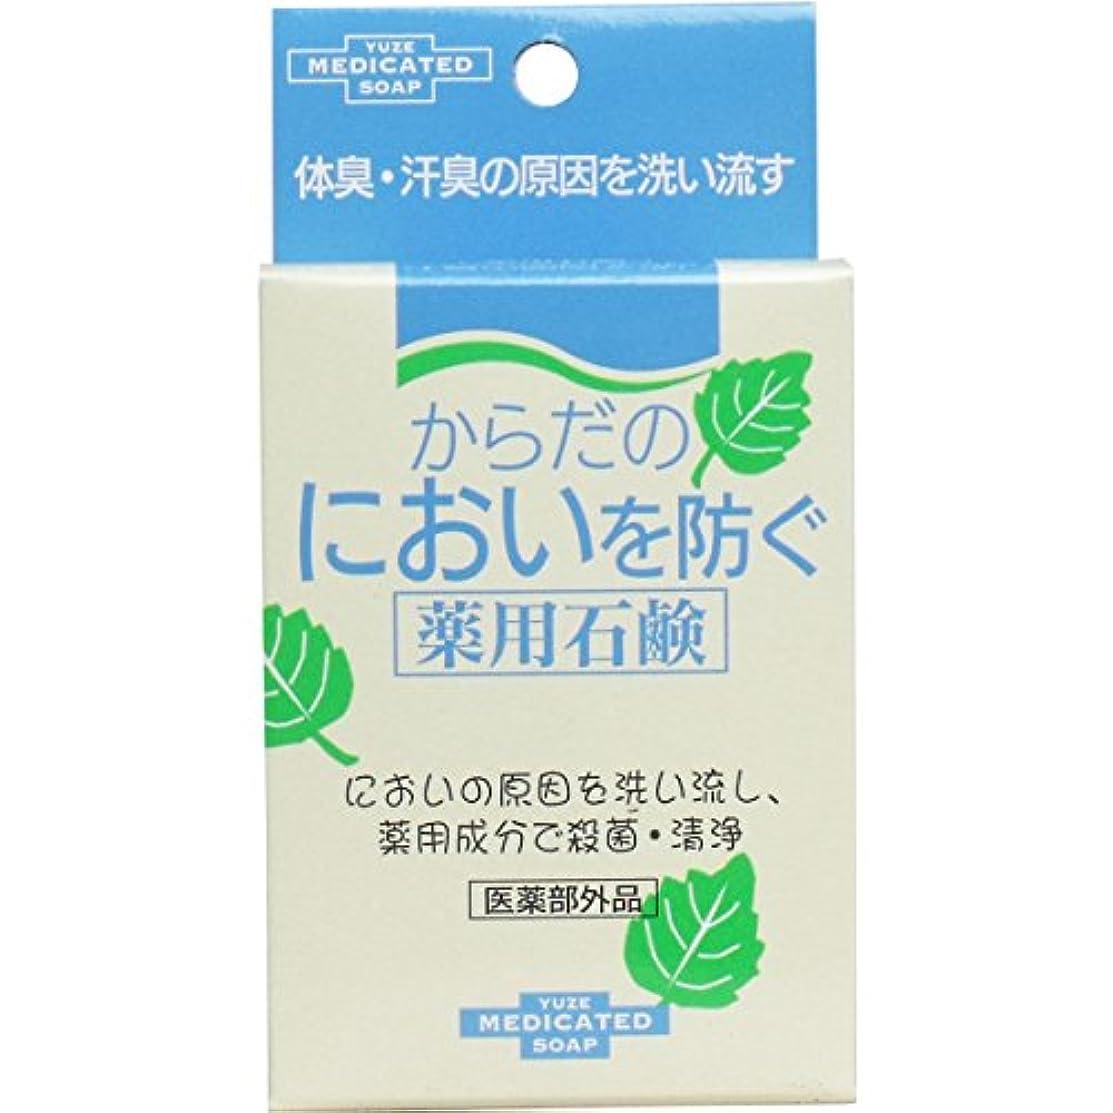 たらいロイヤリティ偶然のユゼからだのにおいを防ぐ薬用石鹸 110g×6個セット